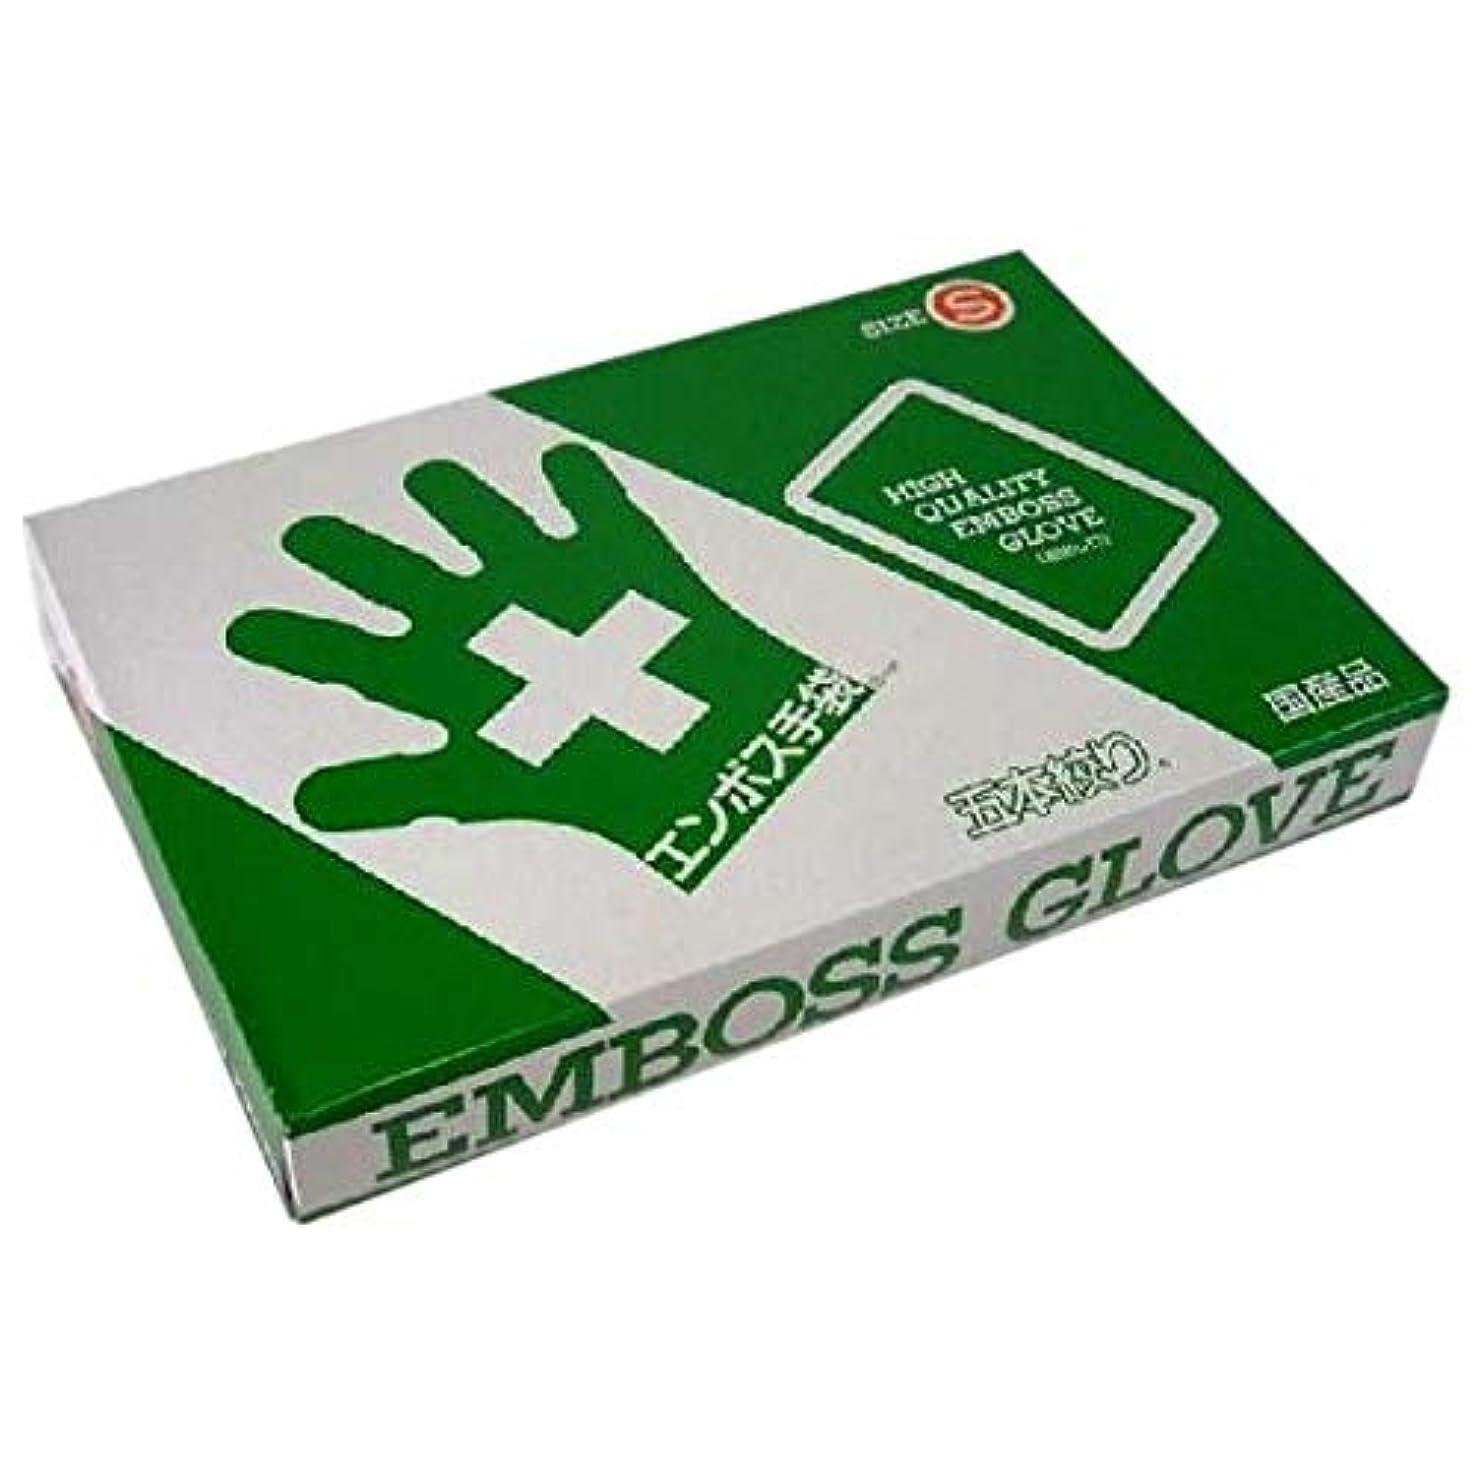 精神的に資産コメンテーターエンボス手袋 5本絞り(使い捨て手袋国産品) 東京パック S 200枚入